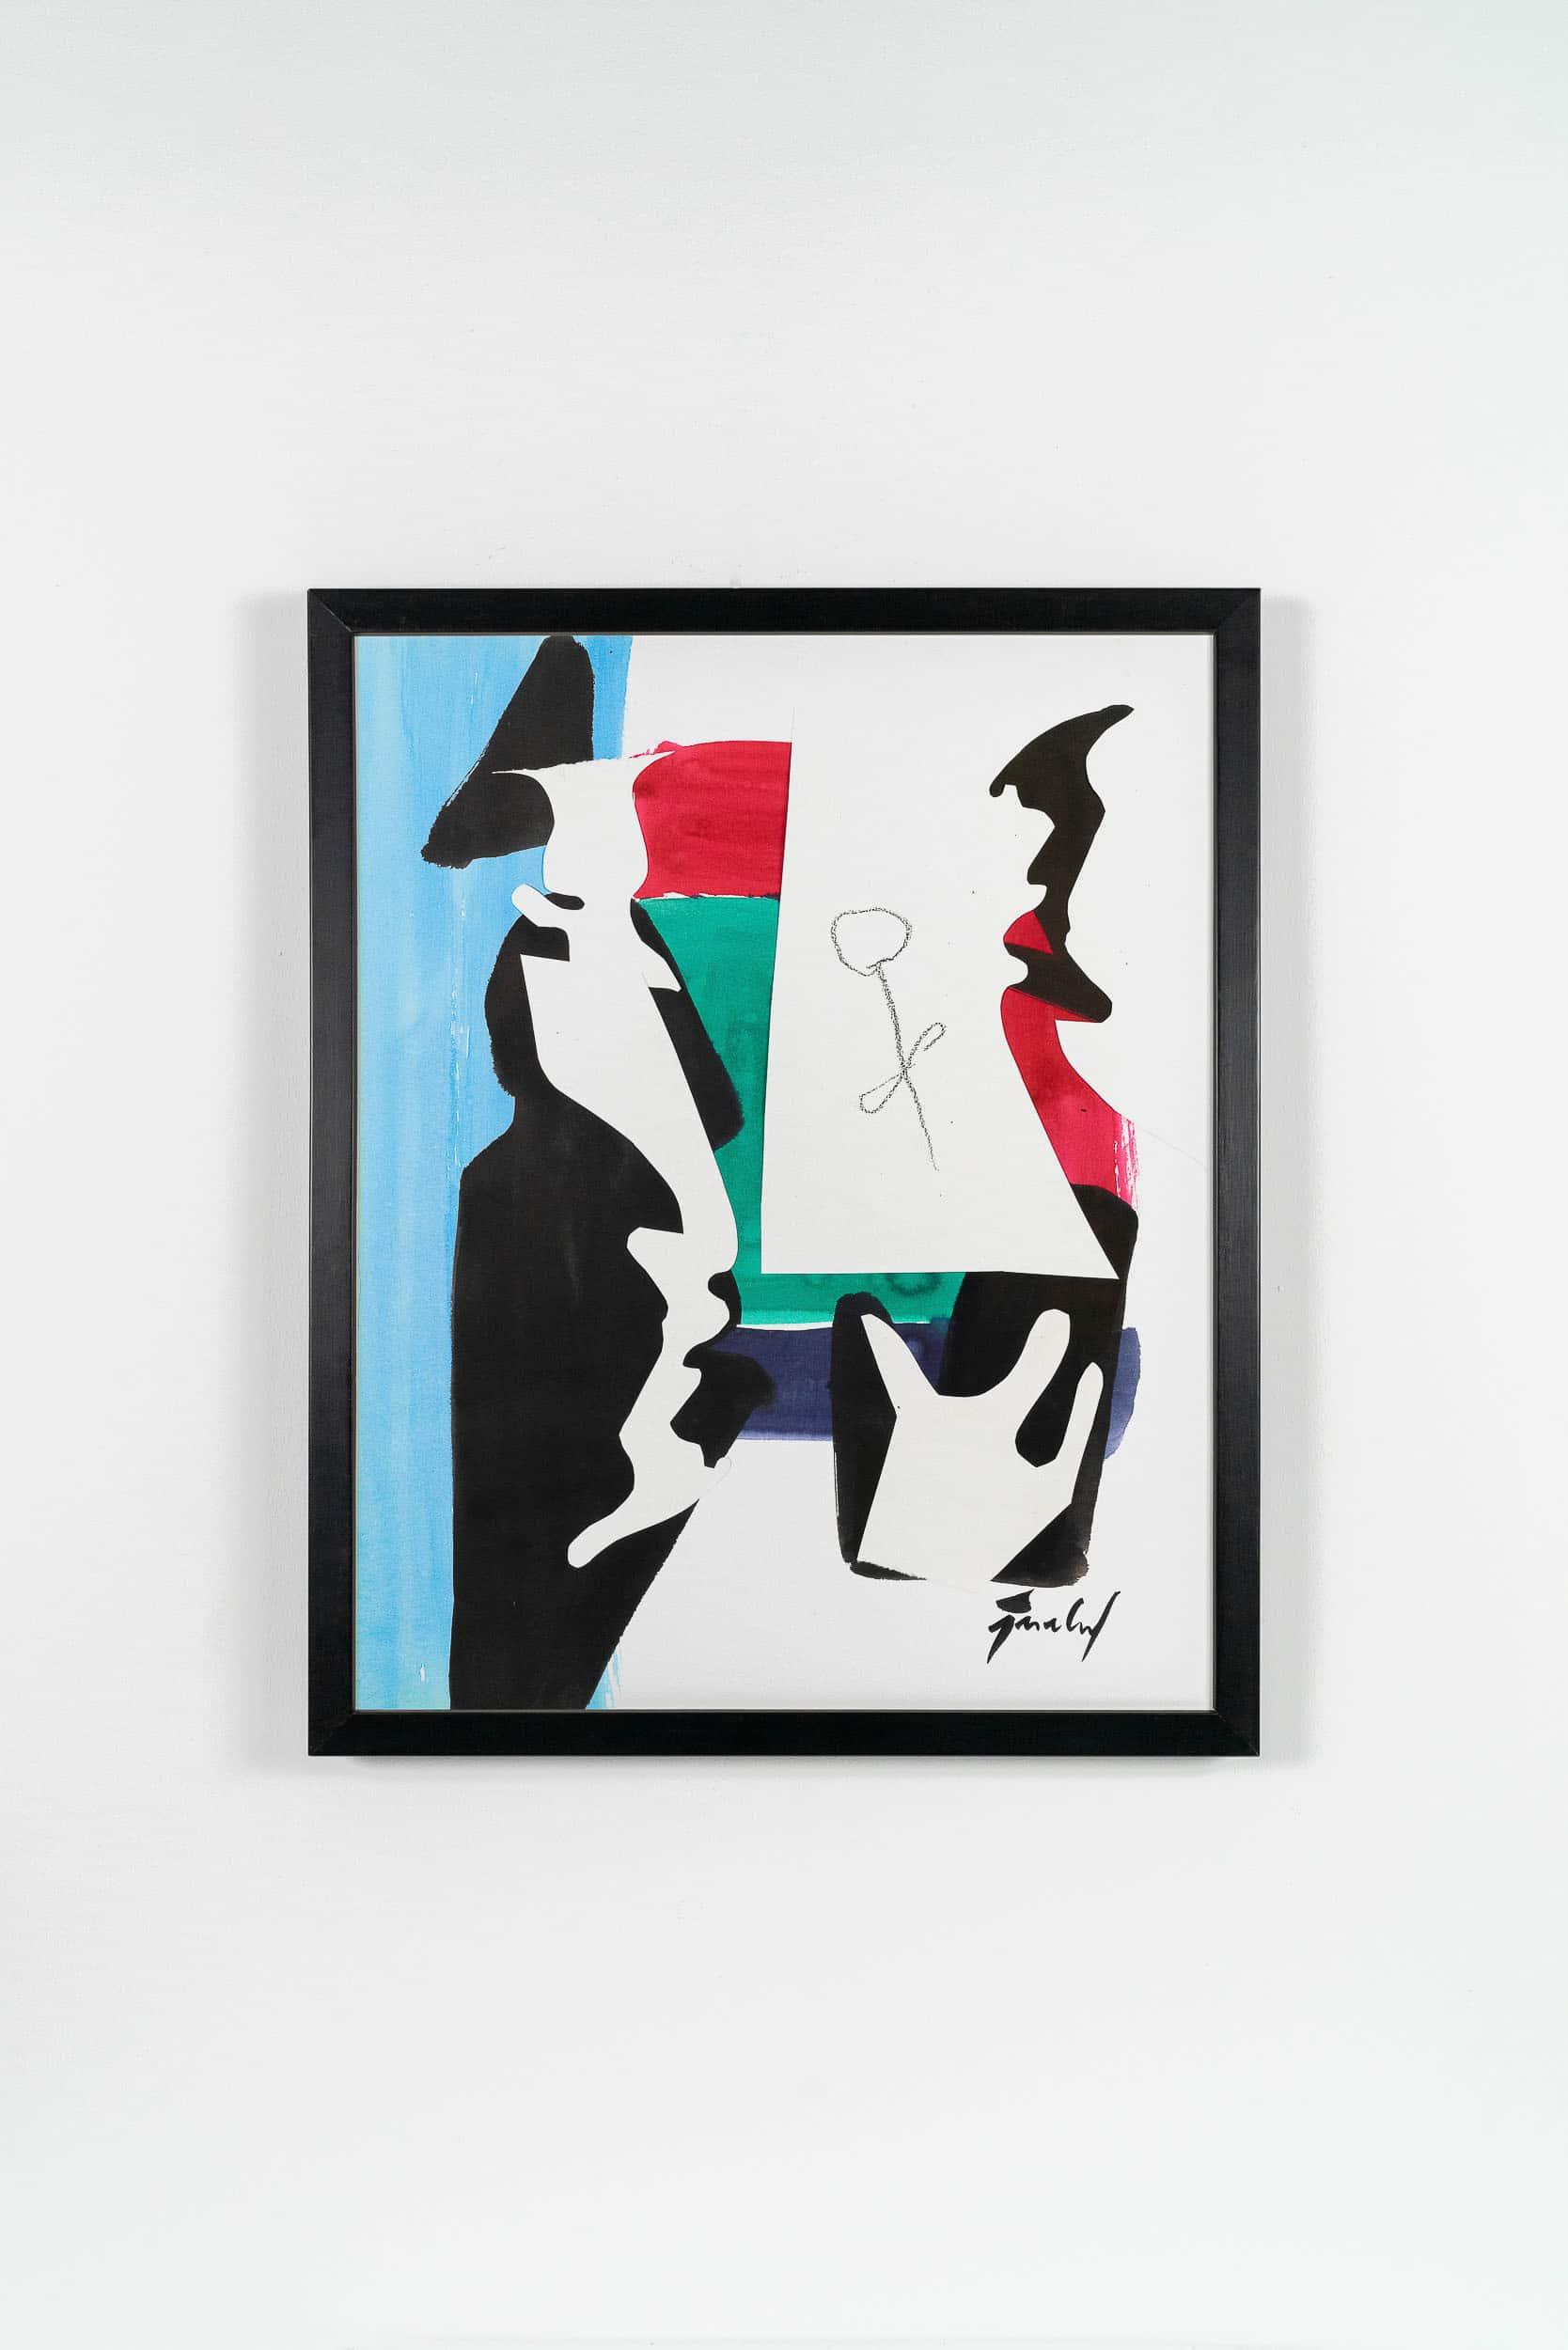 SiL10 Das Bild formen je 40 × 50 cm Tusche / Kohle / Papier / Scherenschnitt / Text 2013 3 Bilderbuch